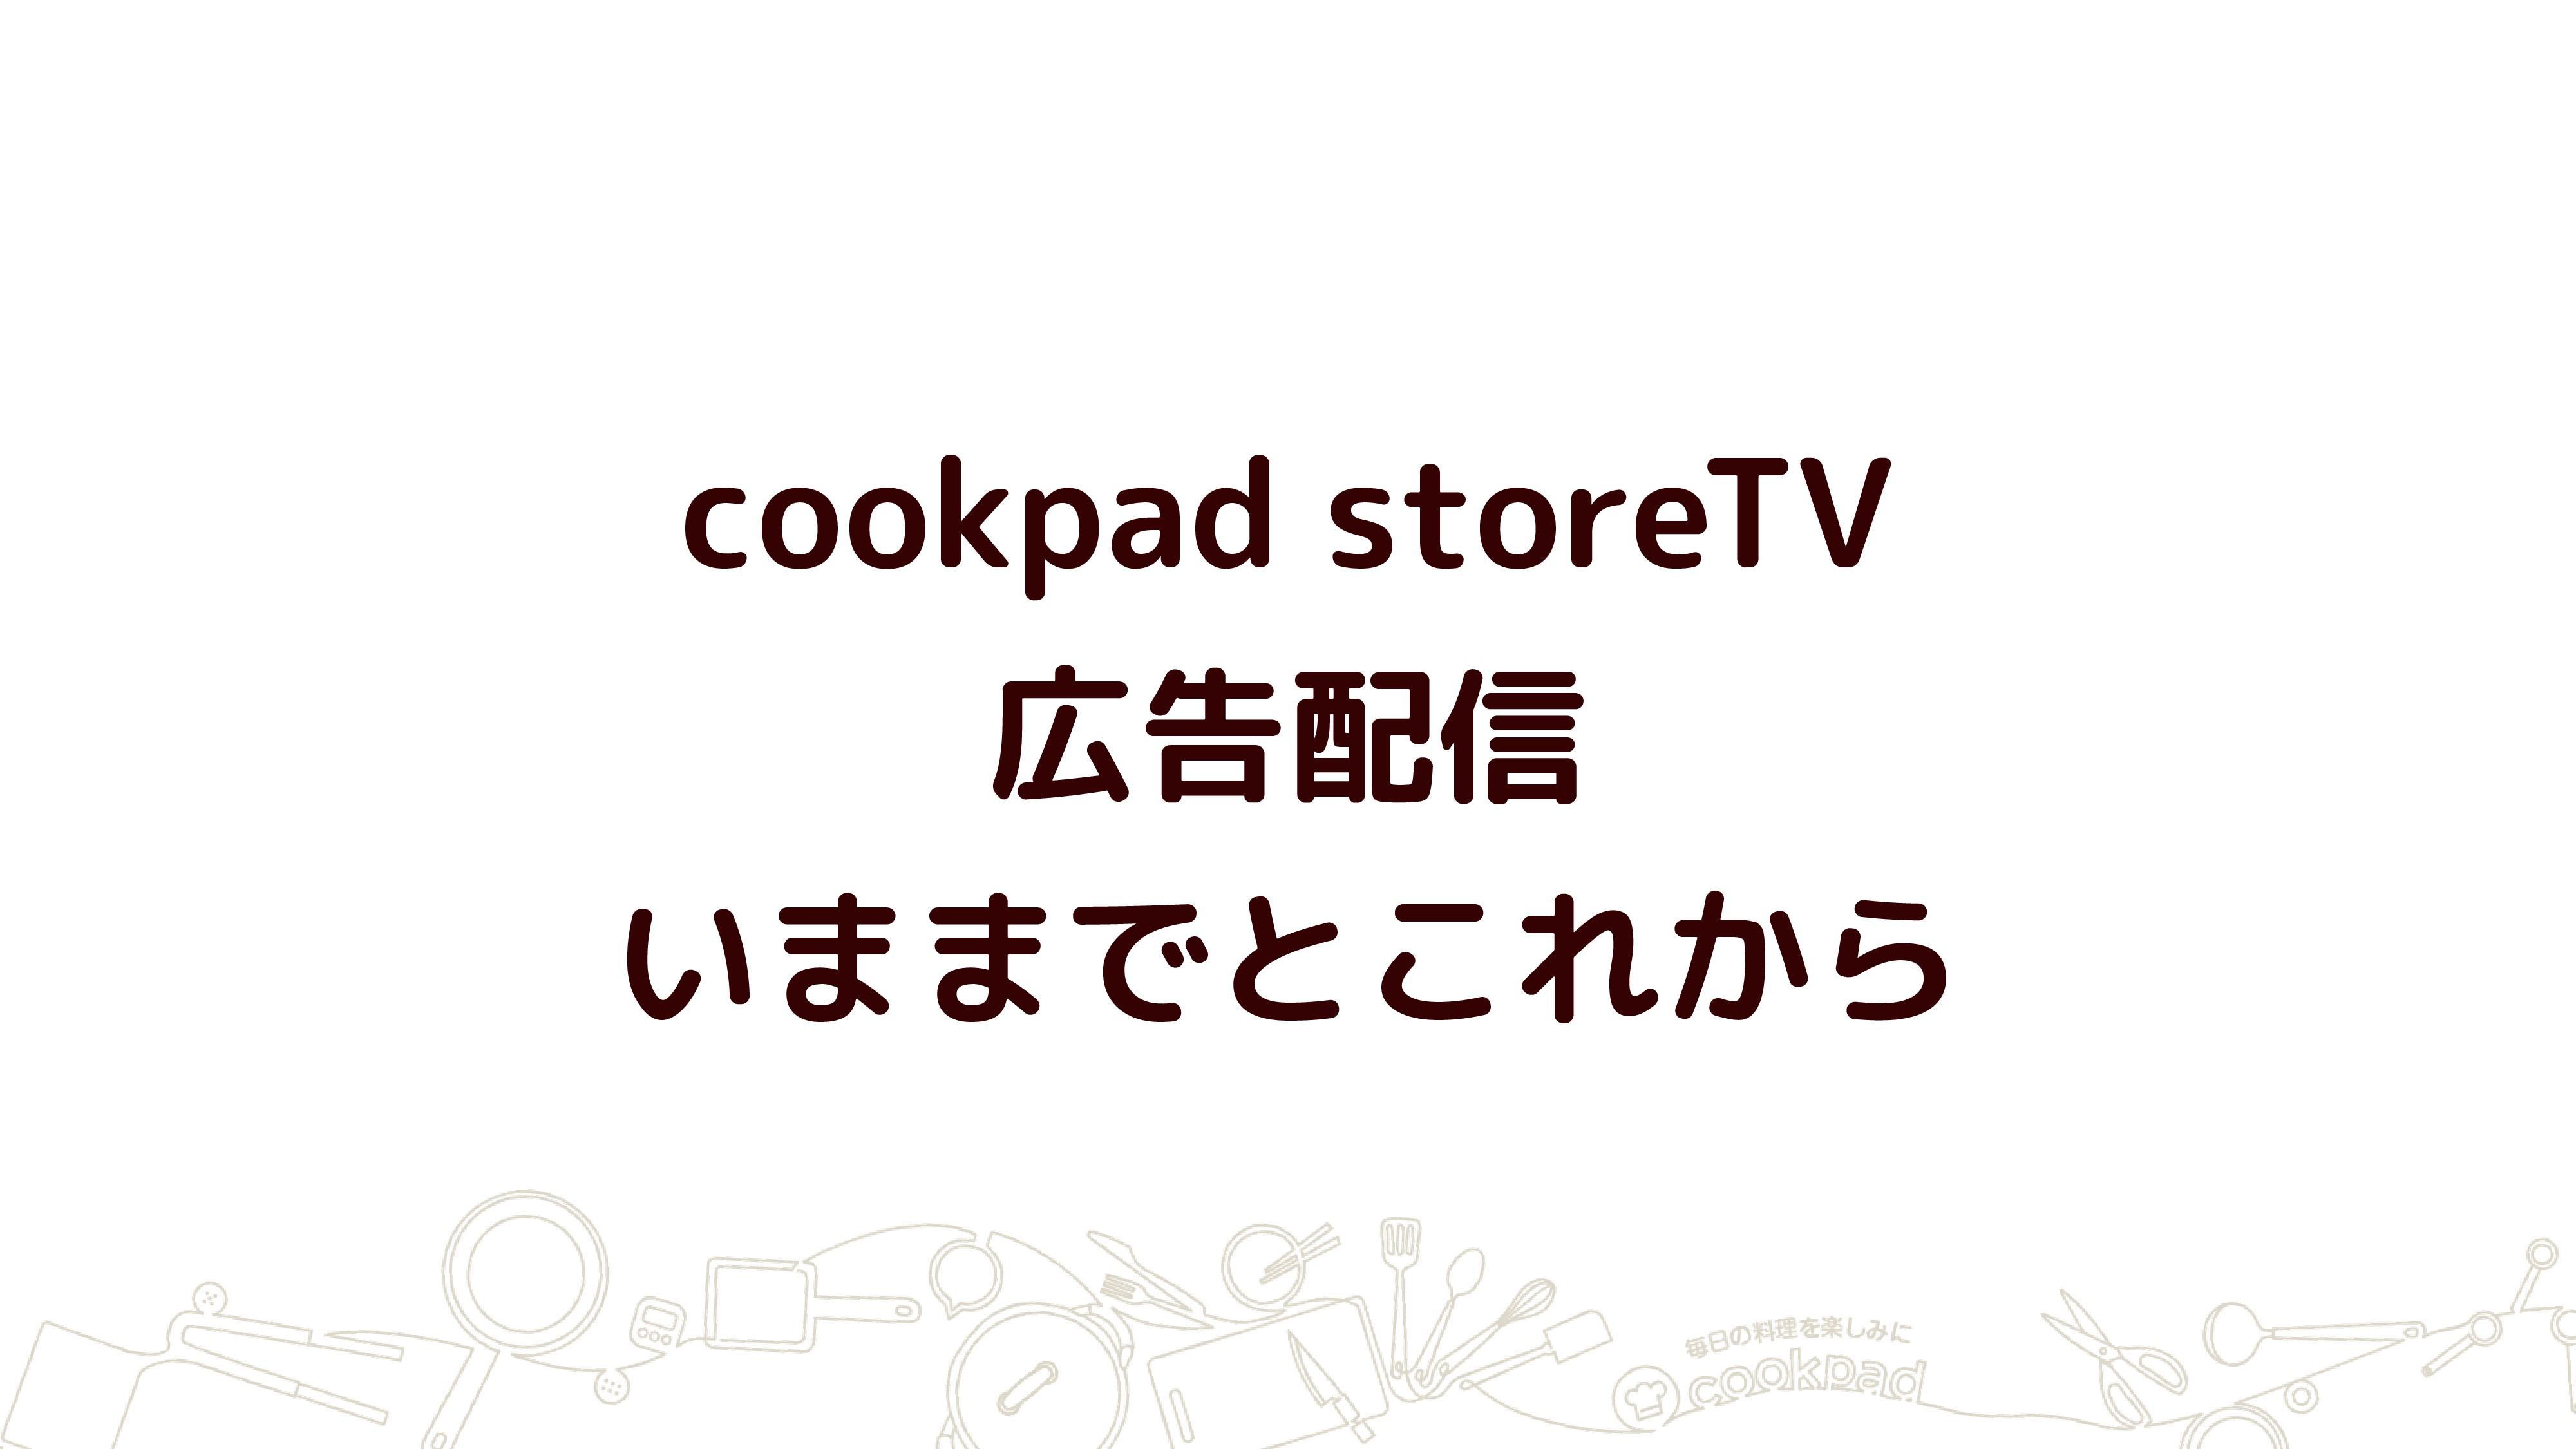 cookpad storeTV 広告配信 いままでとこれから